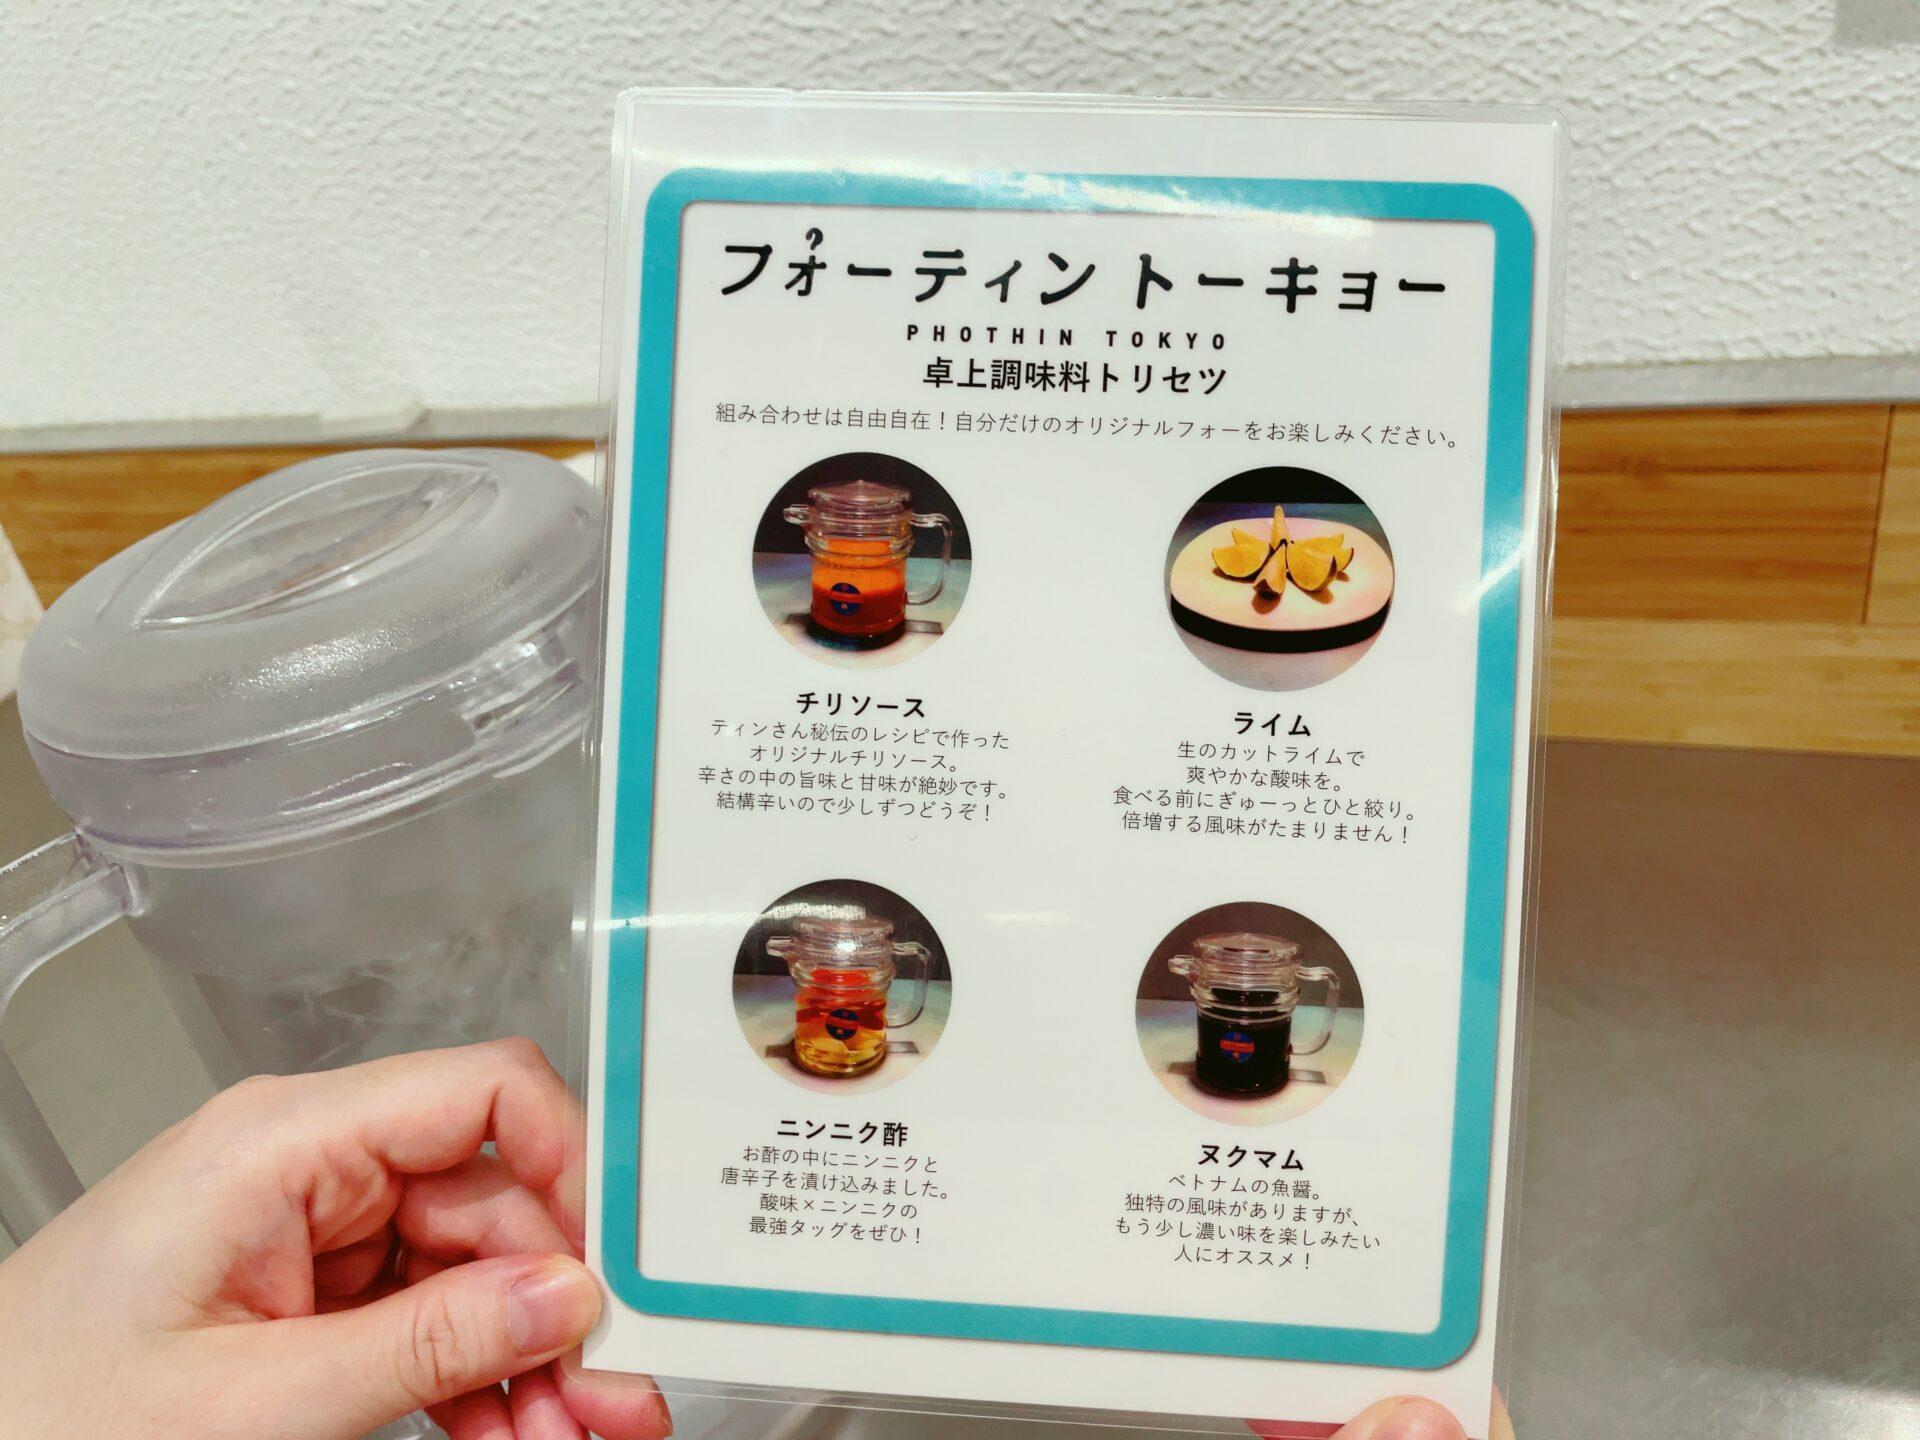 フォーティントーキョー 新宿店のニンニク酢